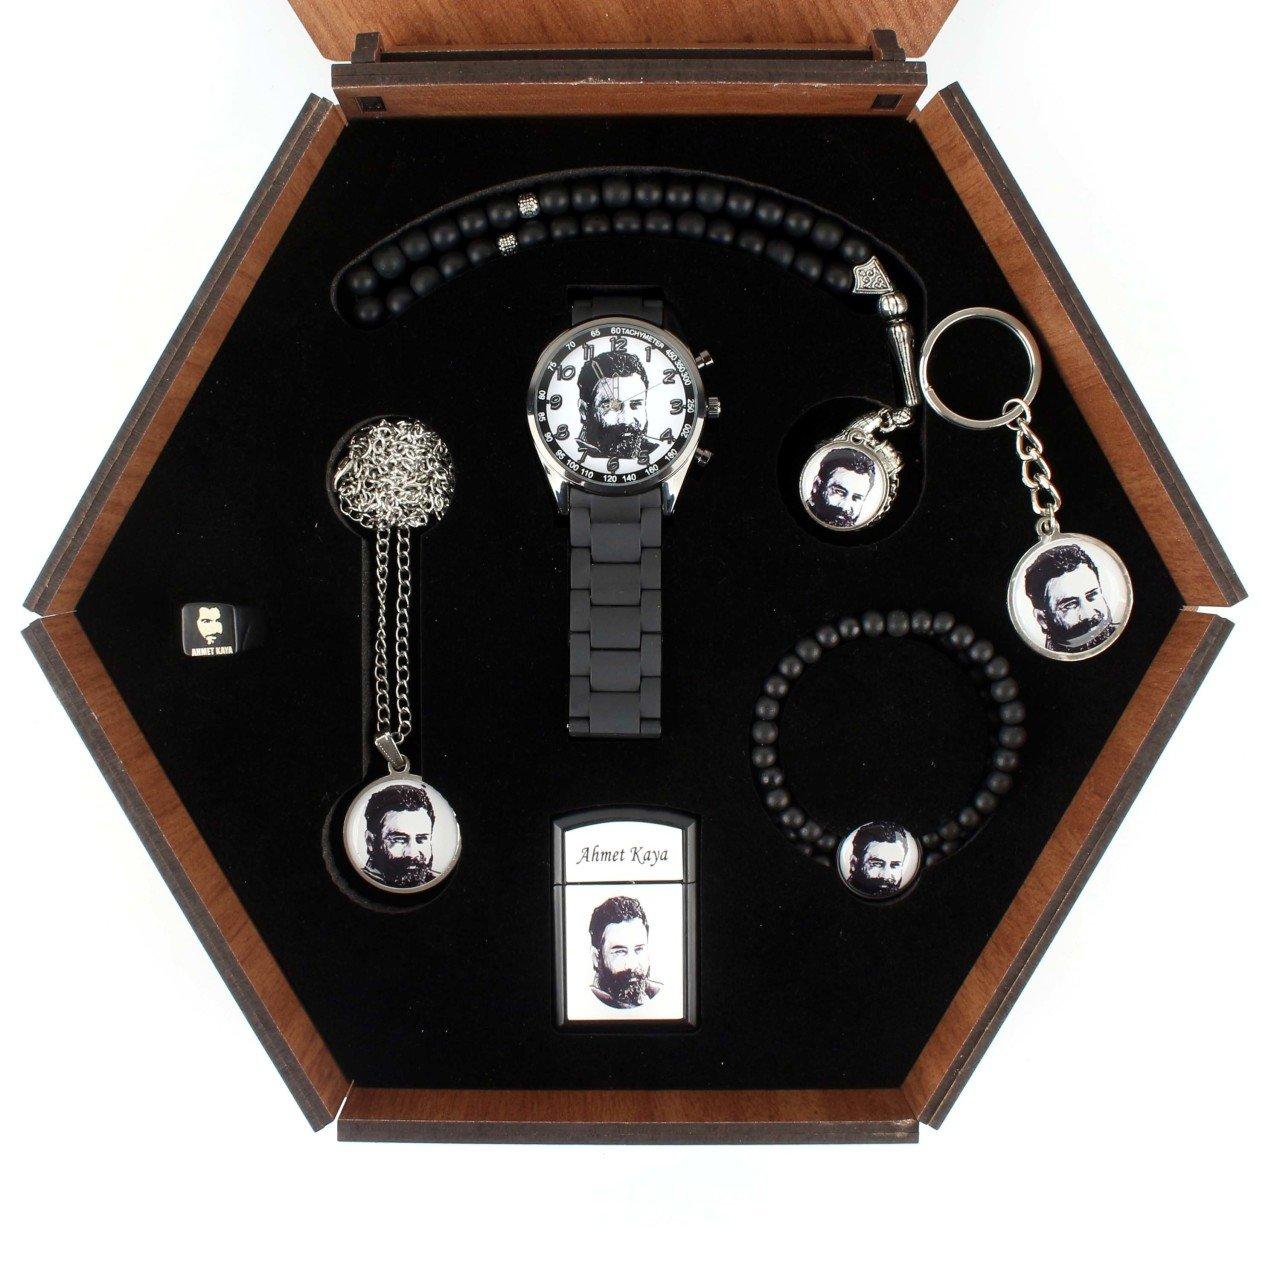 طقم مجوهرات أحمد كايا ، 7 قطع ، صندوق خاص ، تصميم أنيق